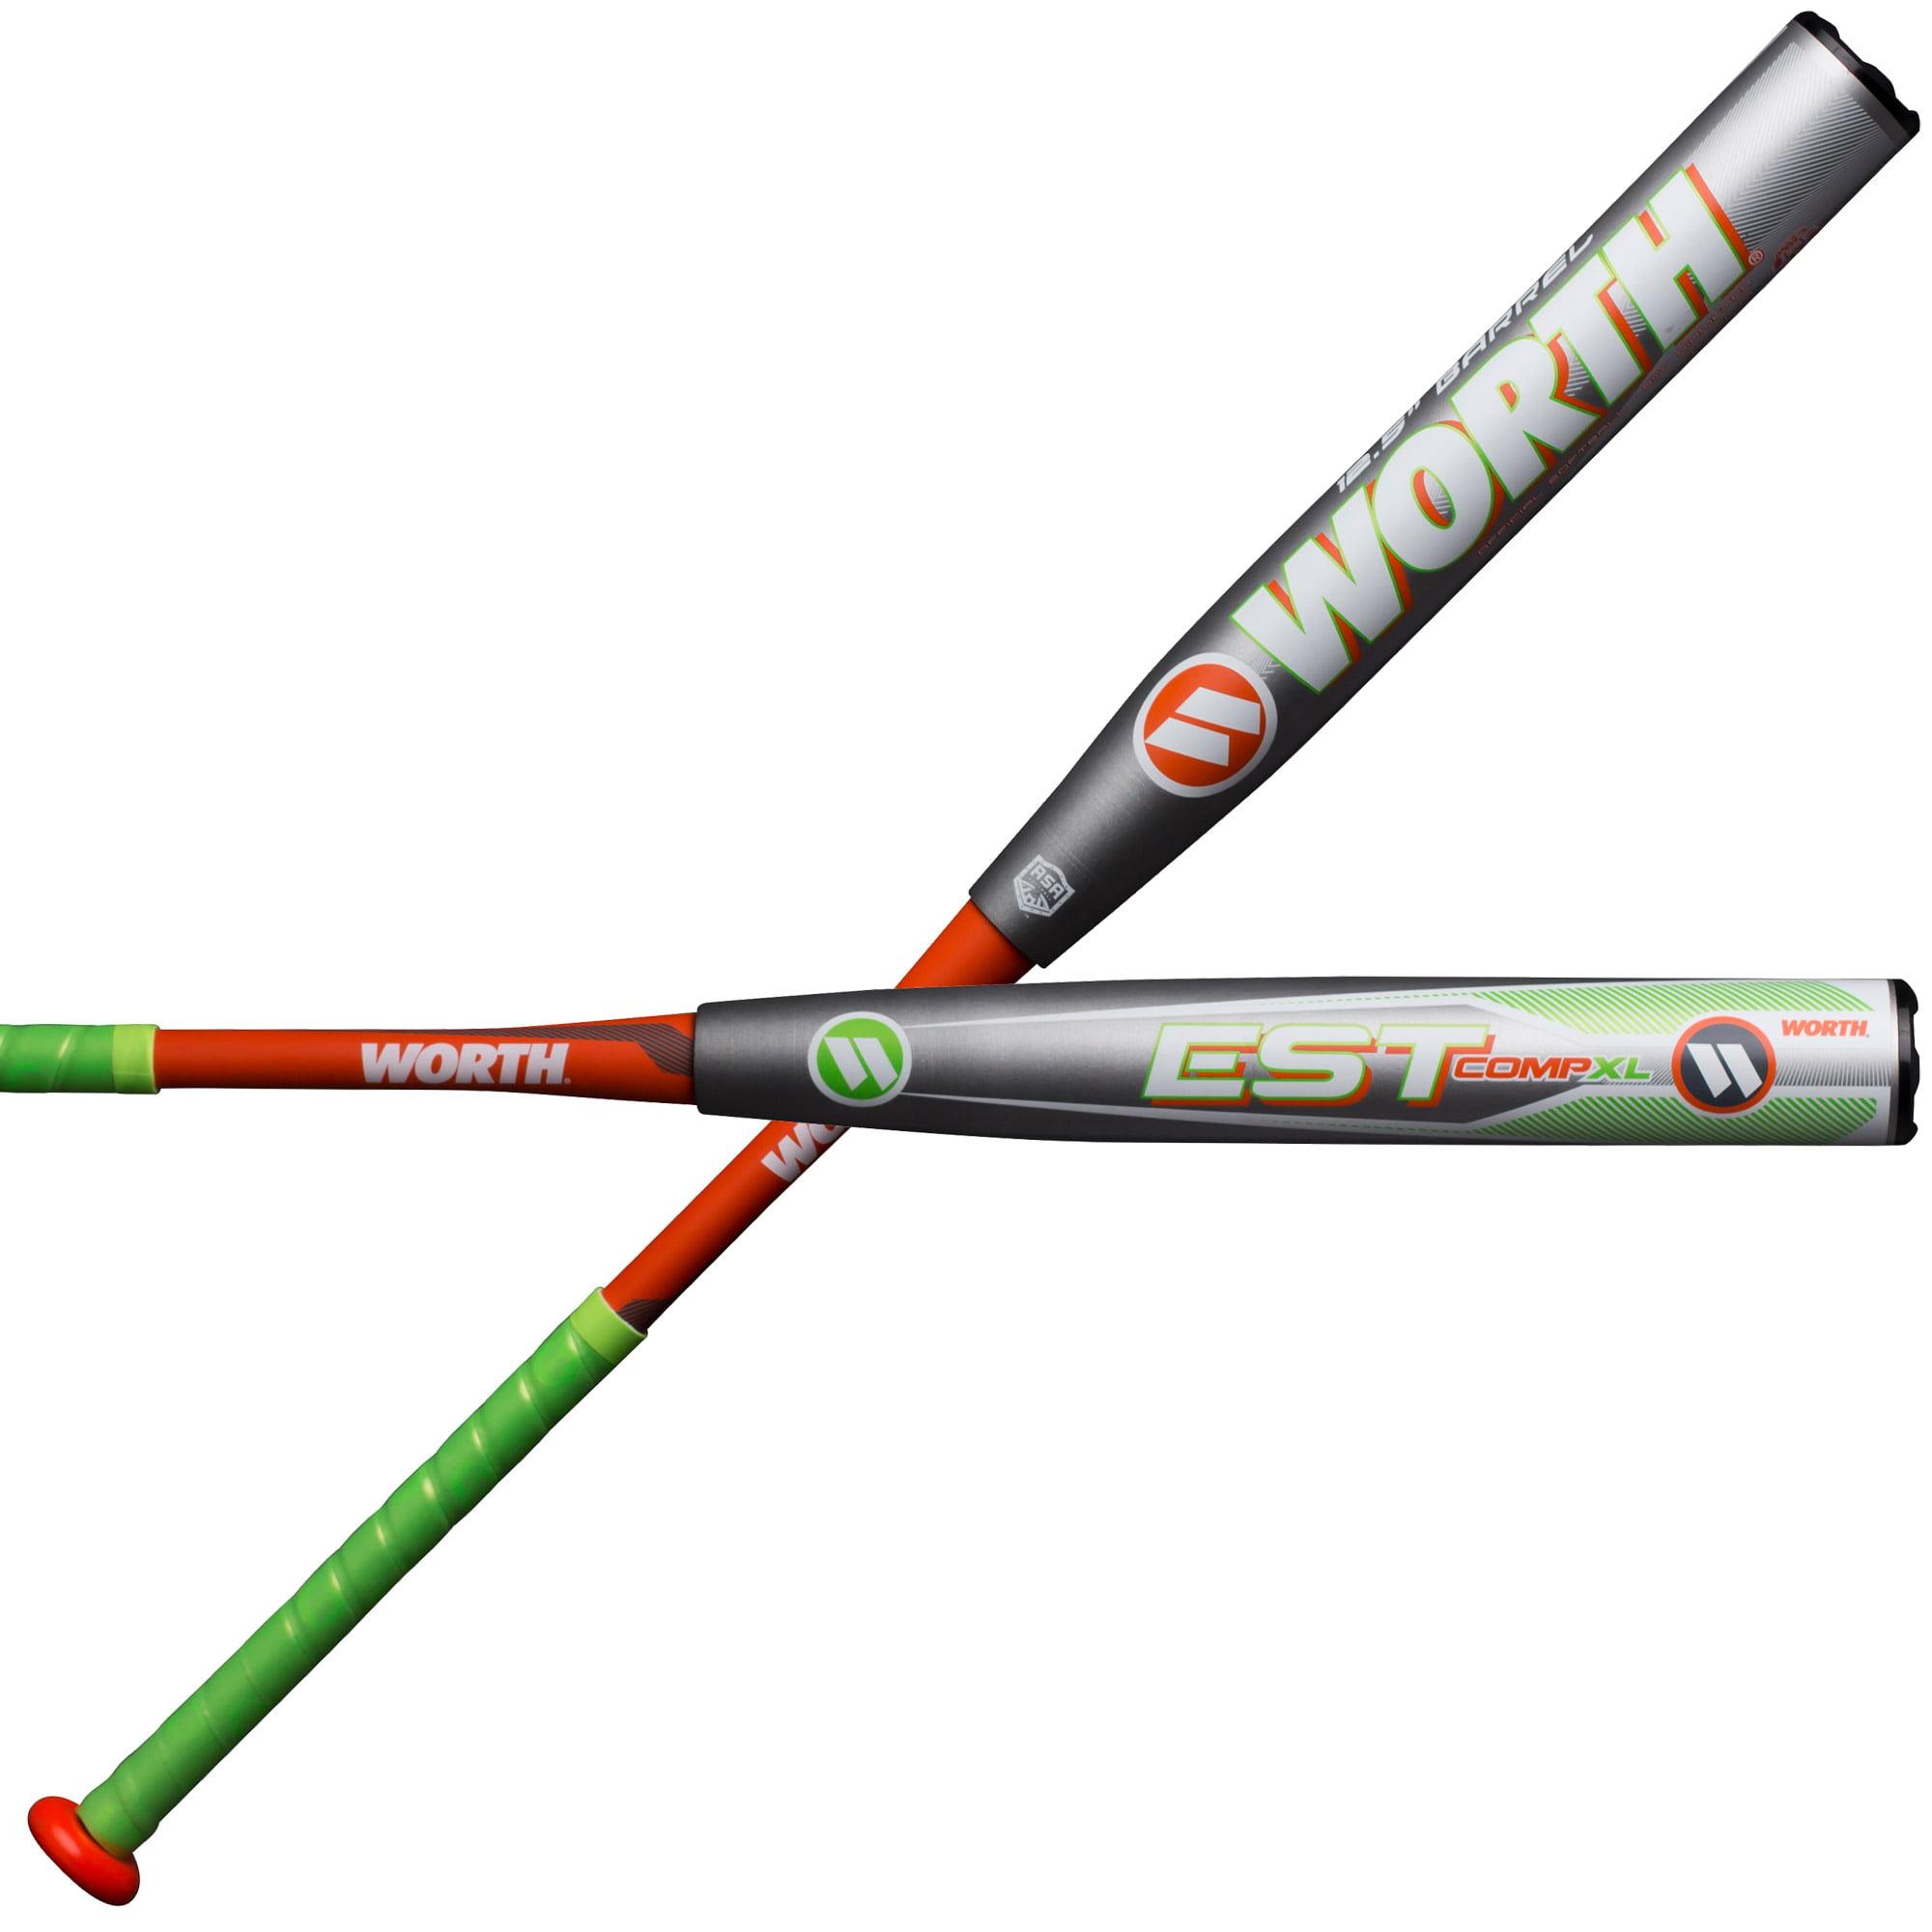 Worth EST COMP XL 12.5 ASA W12XLA Slowpitch Softball Bat